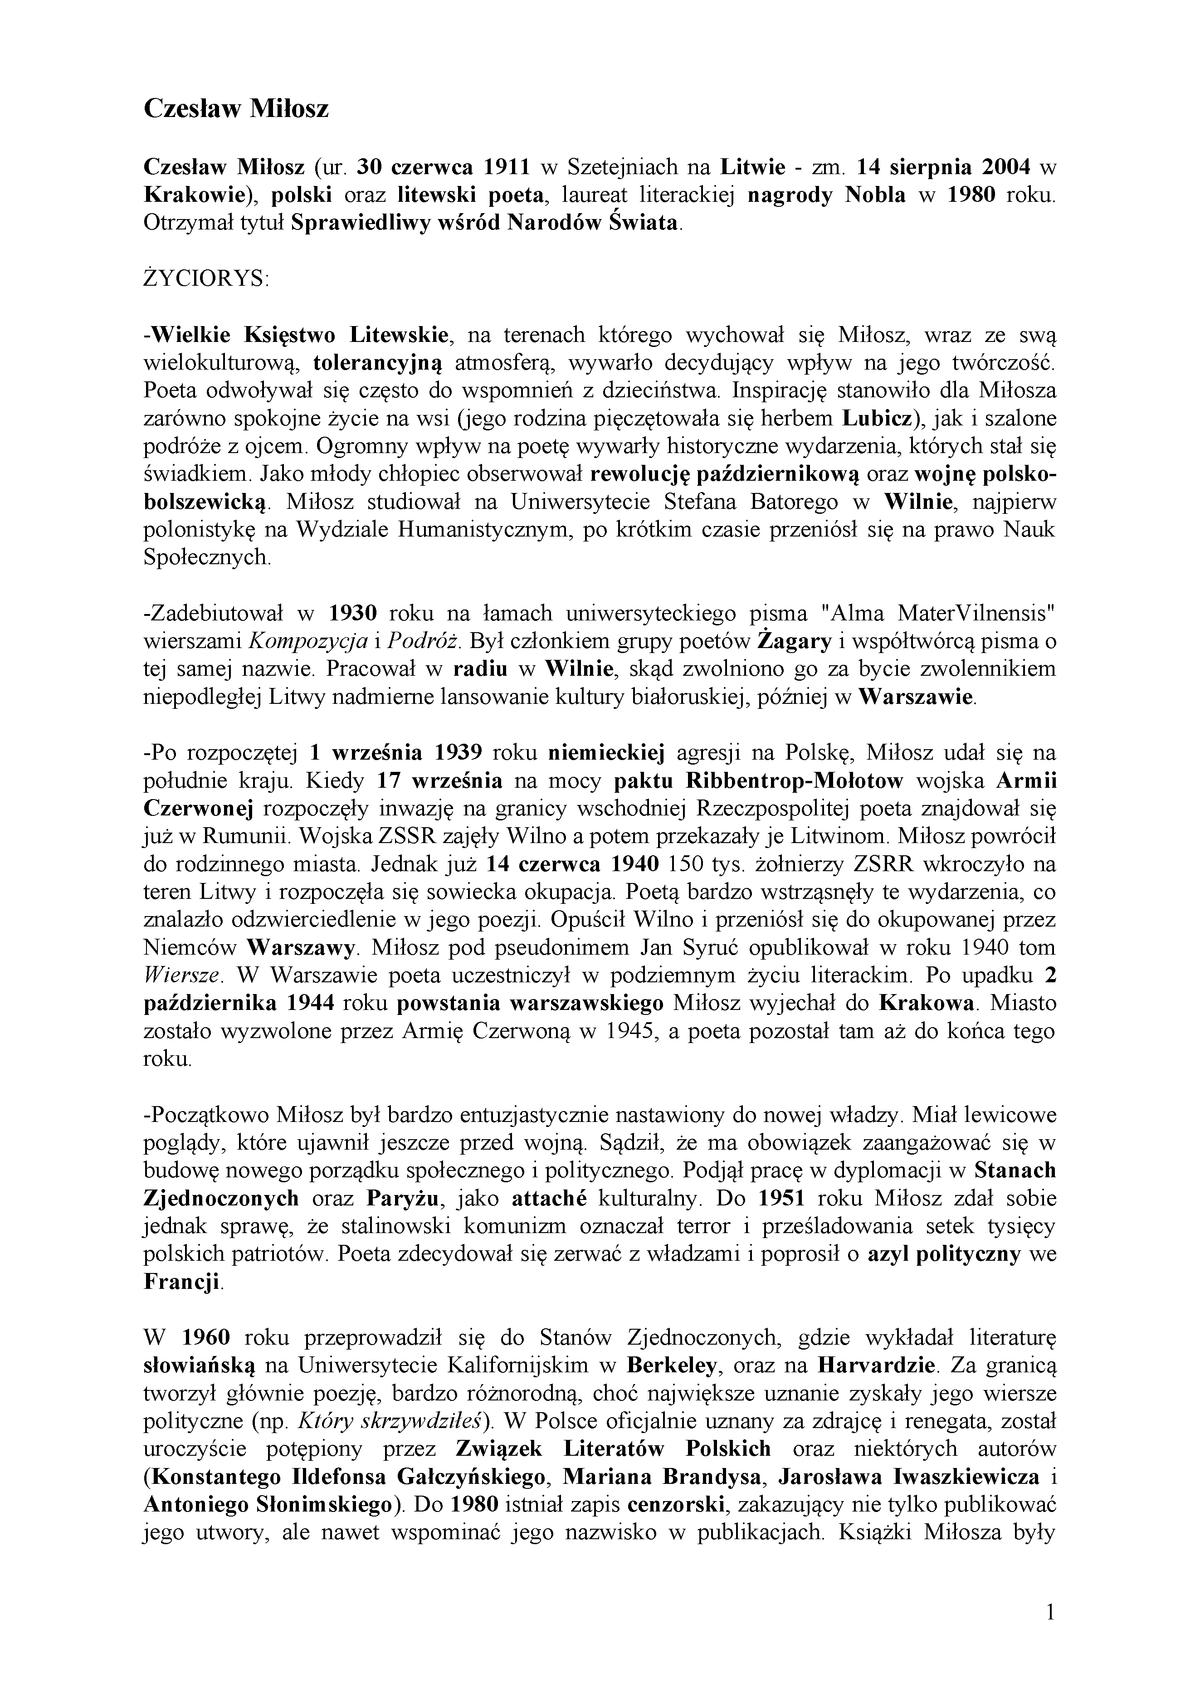 Miłosz Czesław Poezje Filologia Polska Filologia Polska